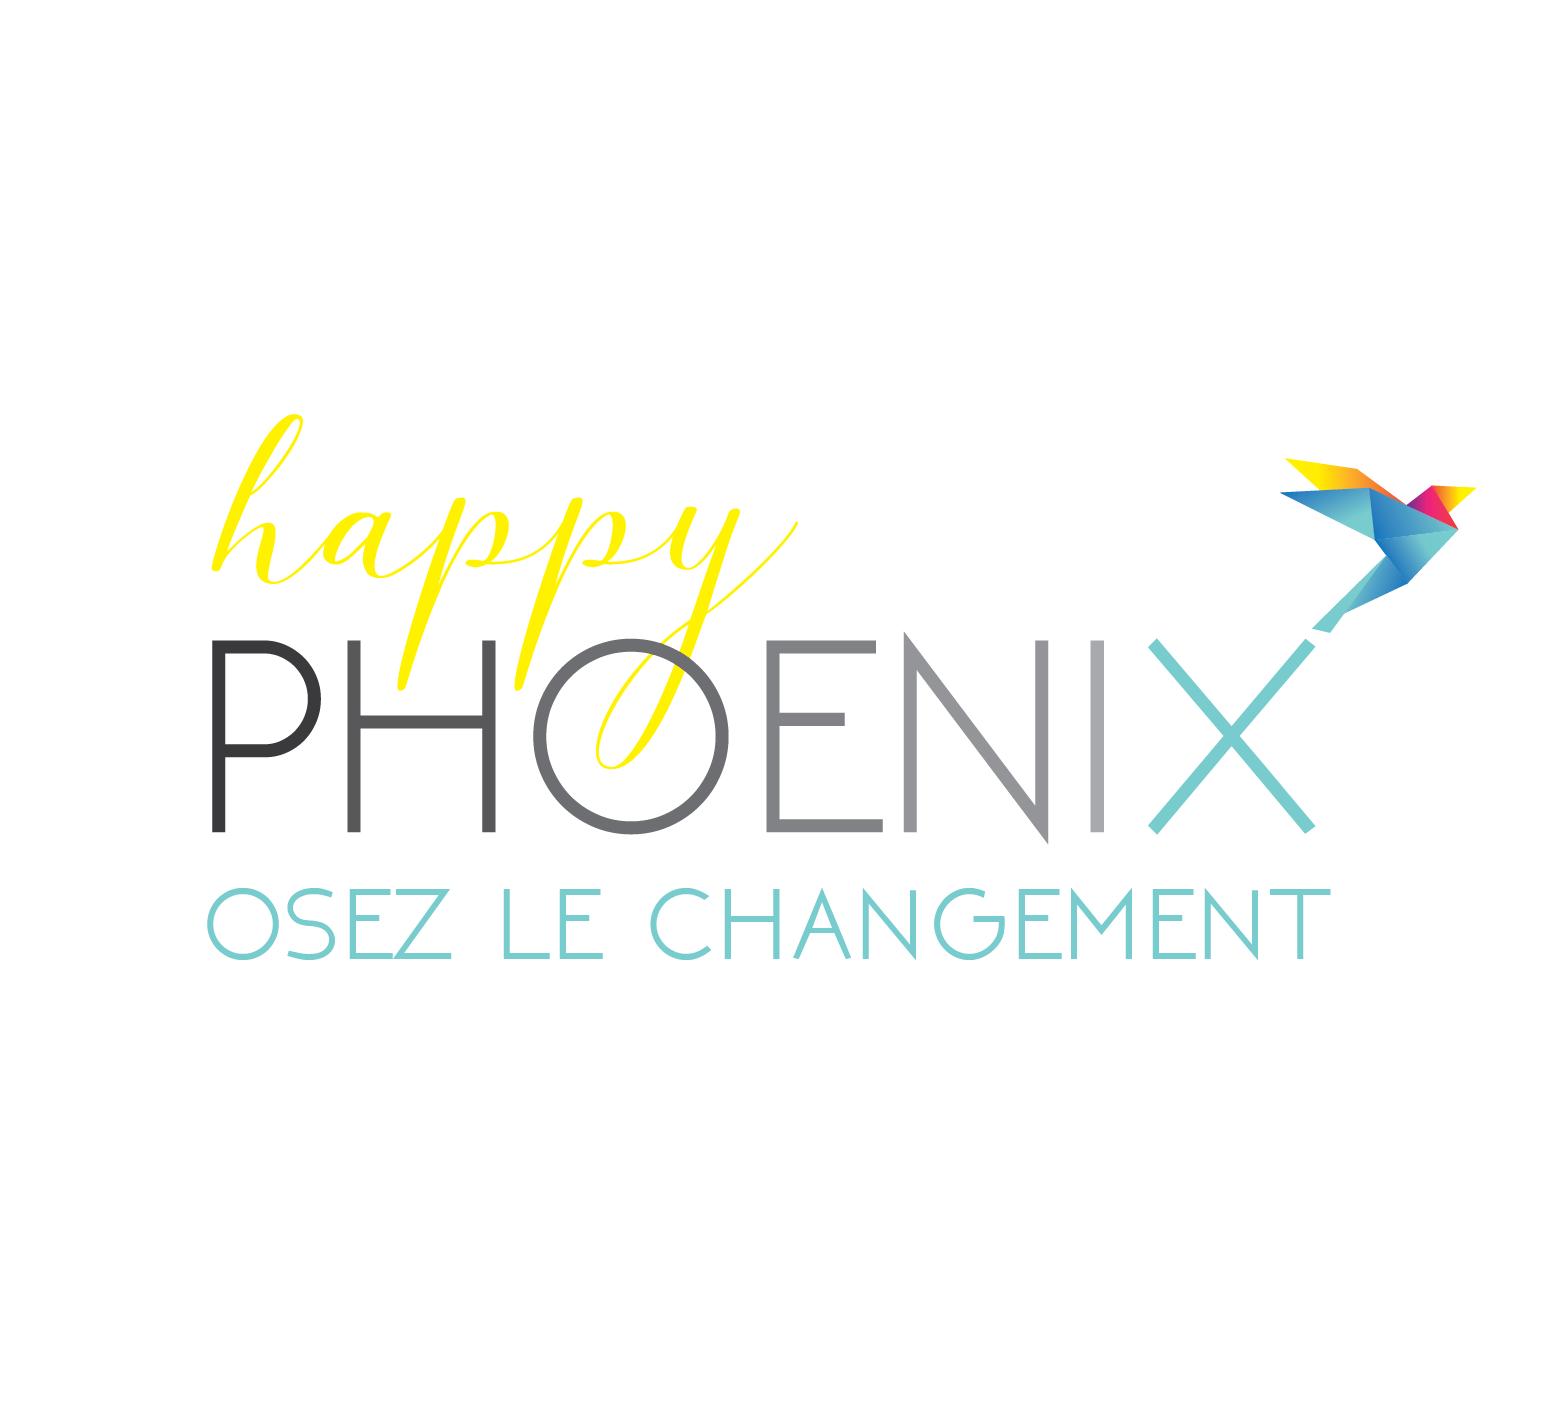 Centre happyPHOENIX